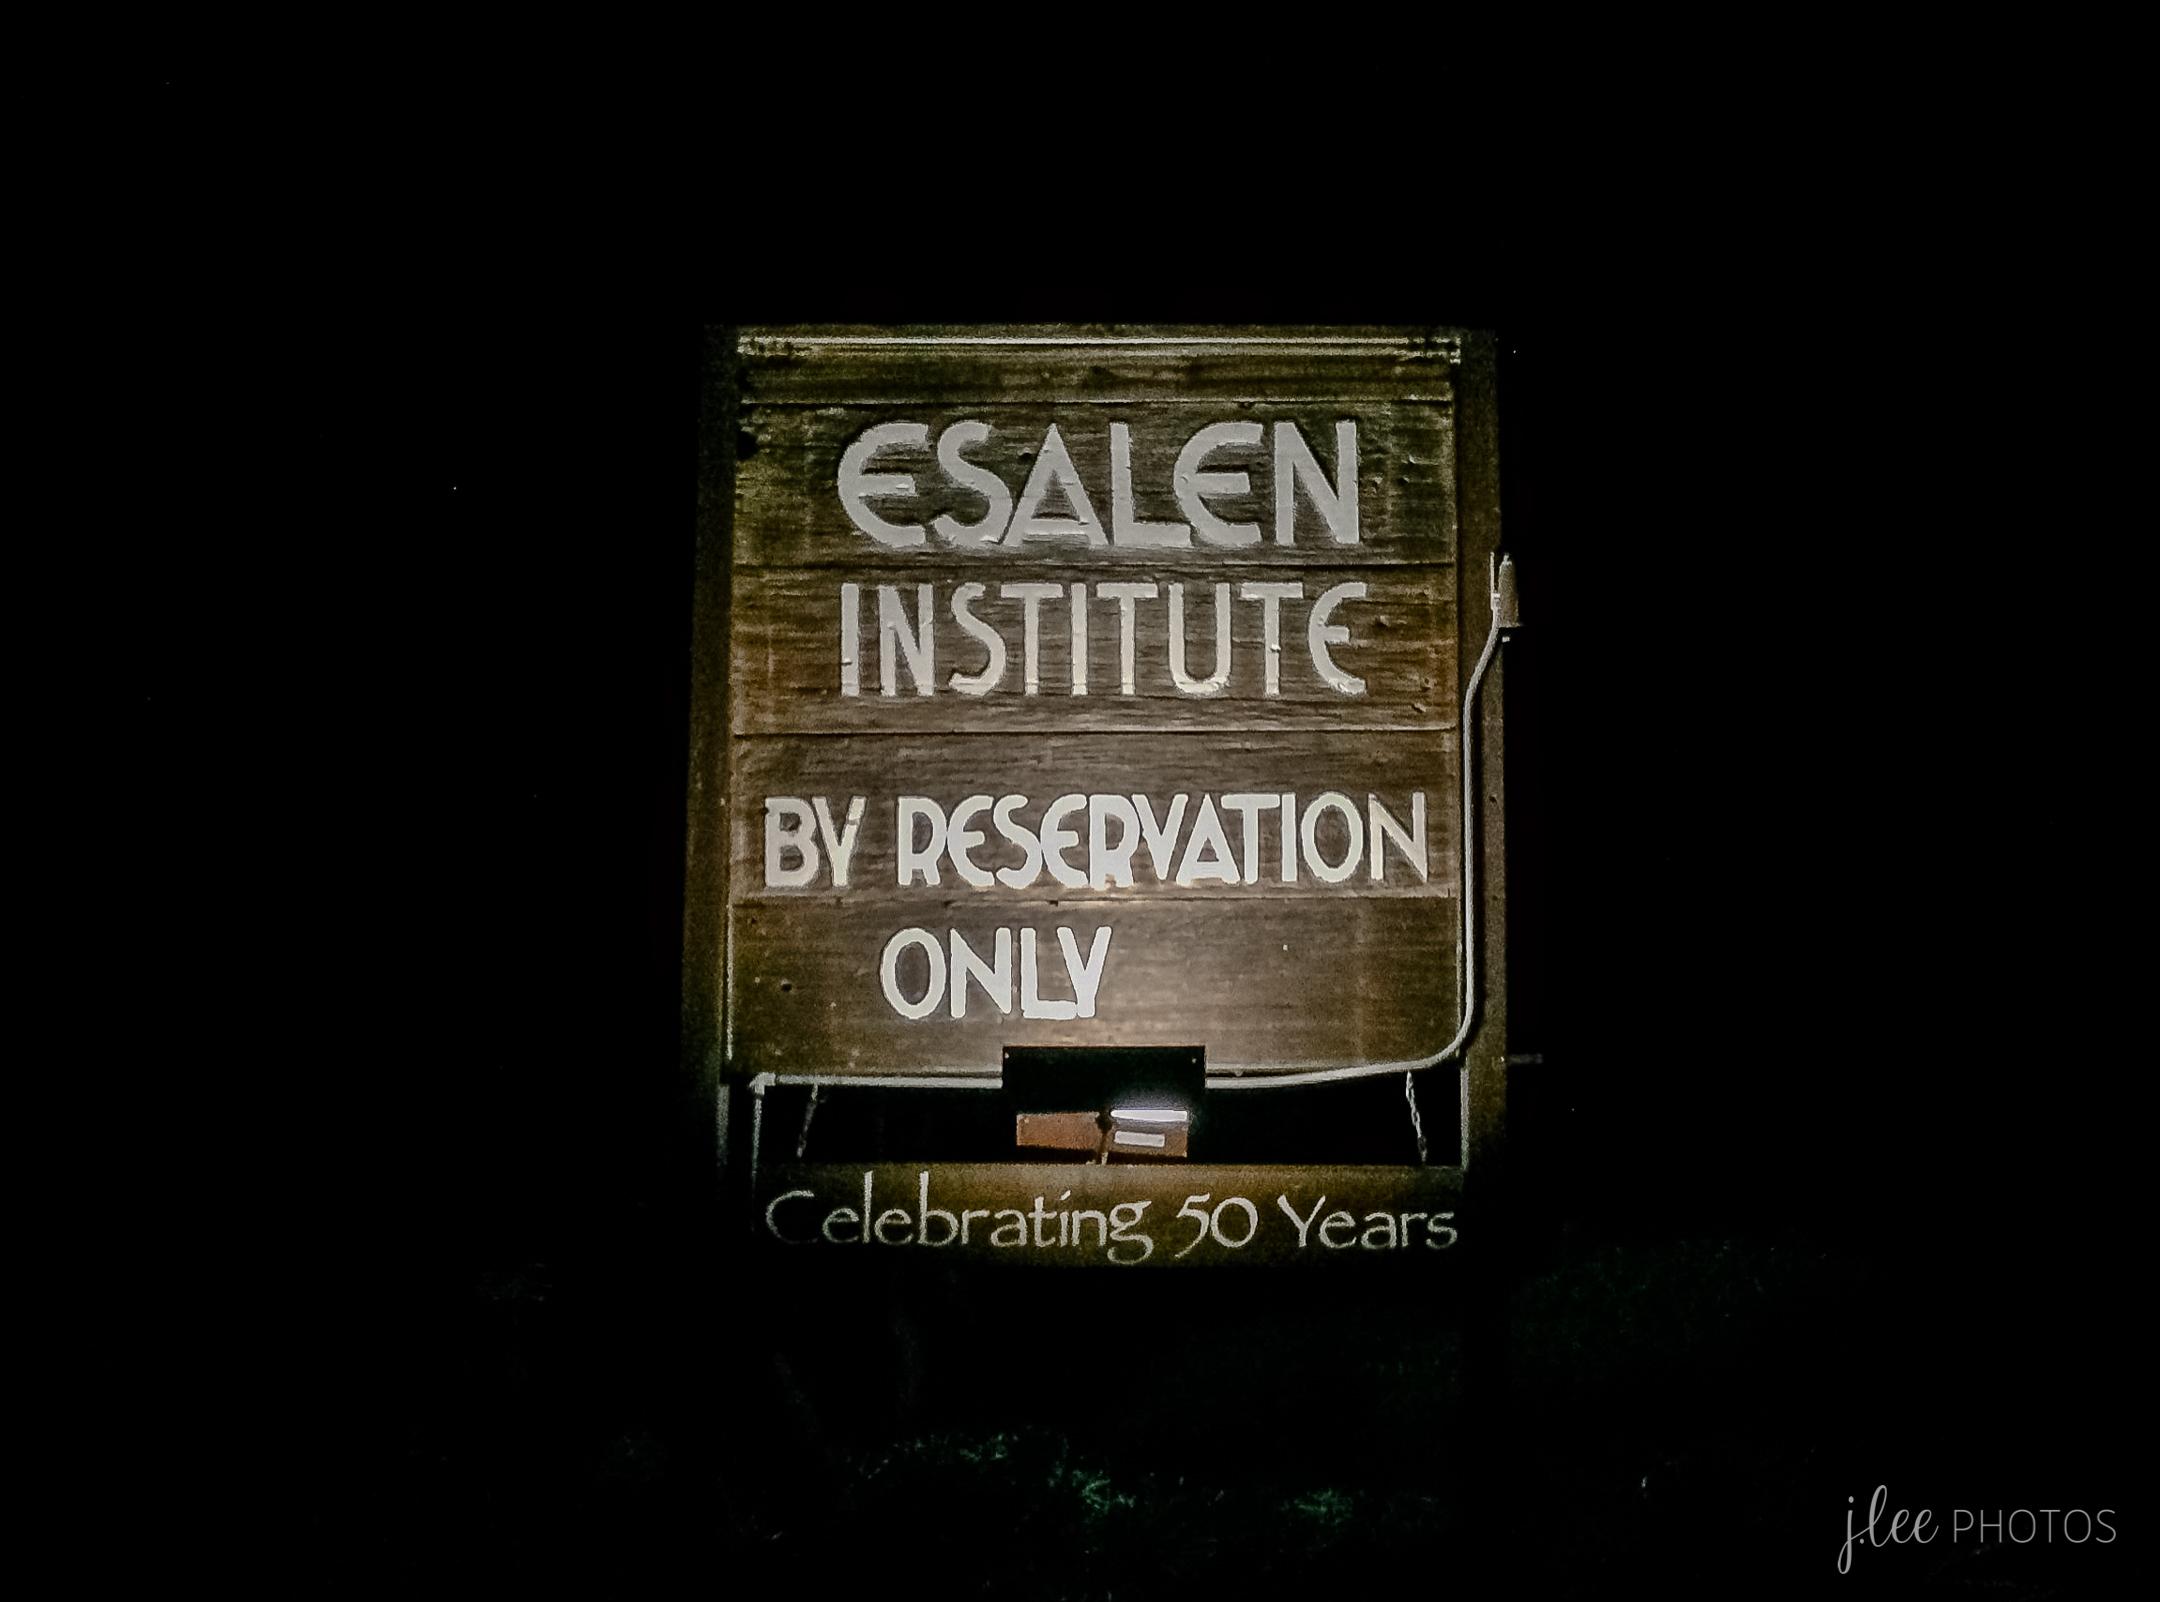 Esalen Institute Hot Springs